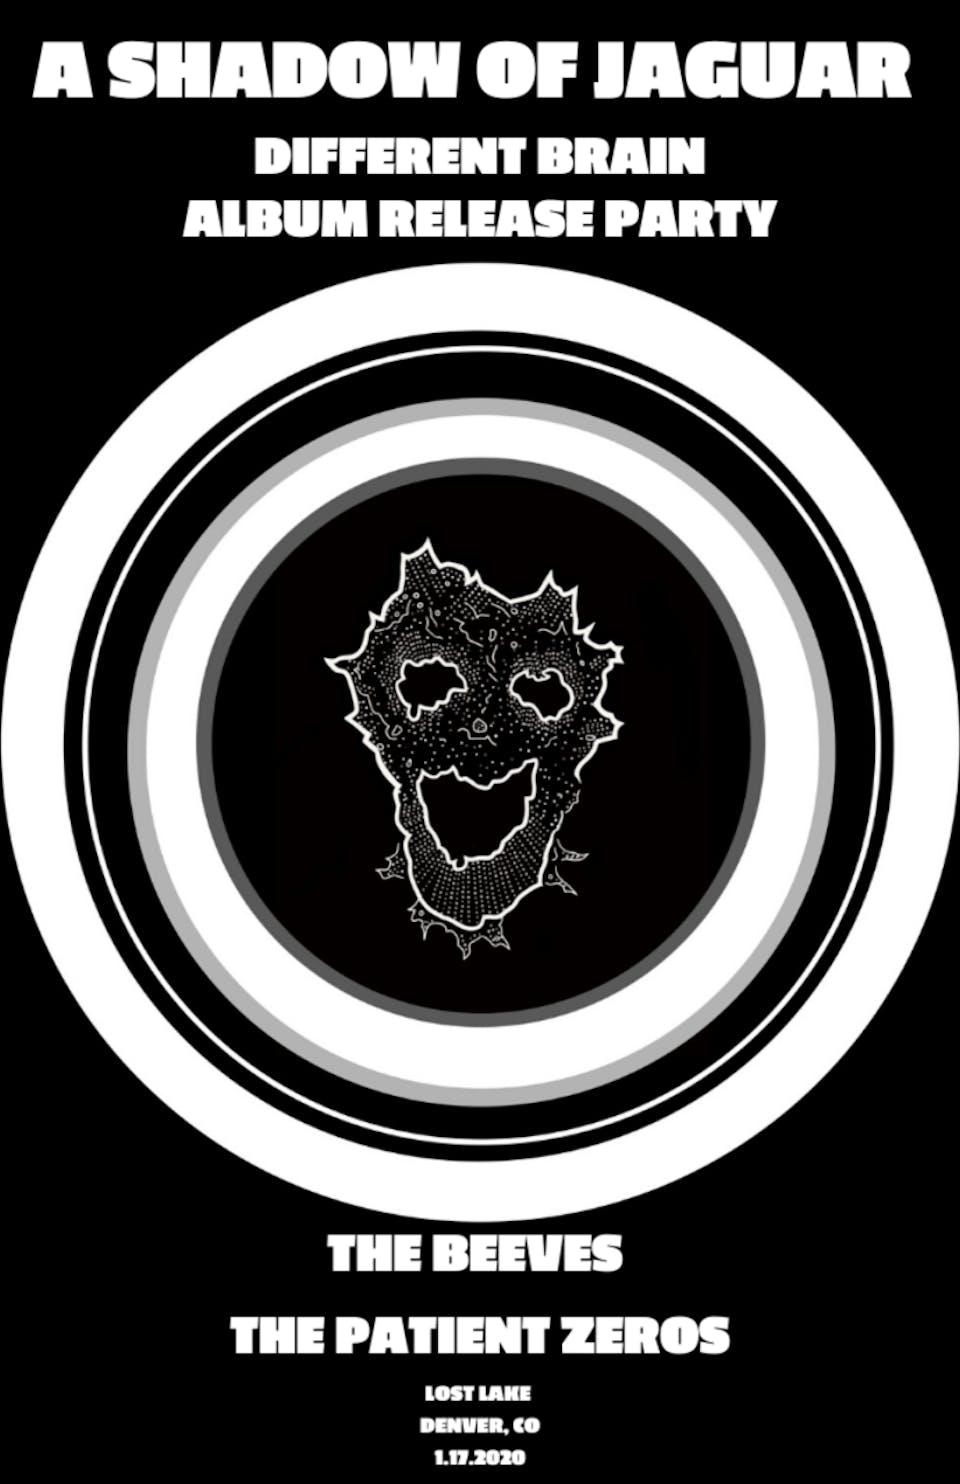 A Shadow Of A Jaguar (Album Release)